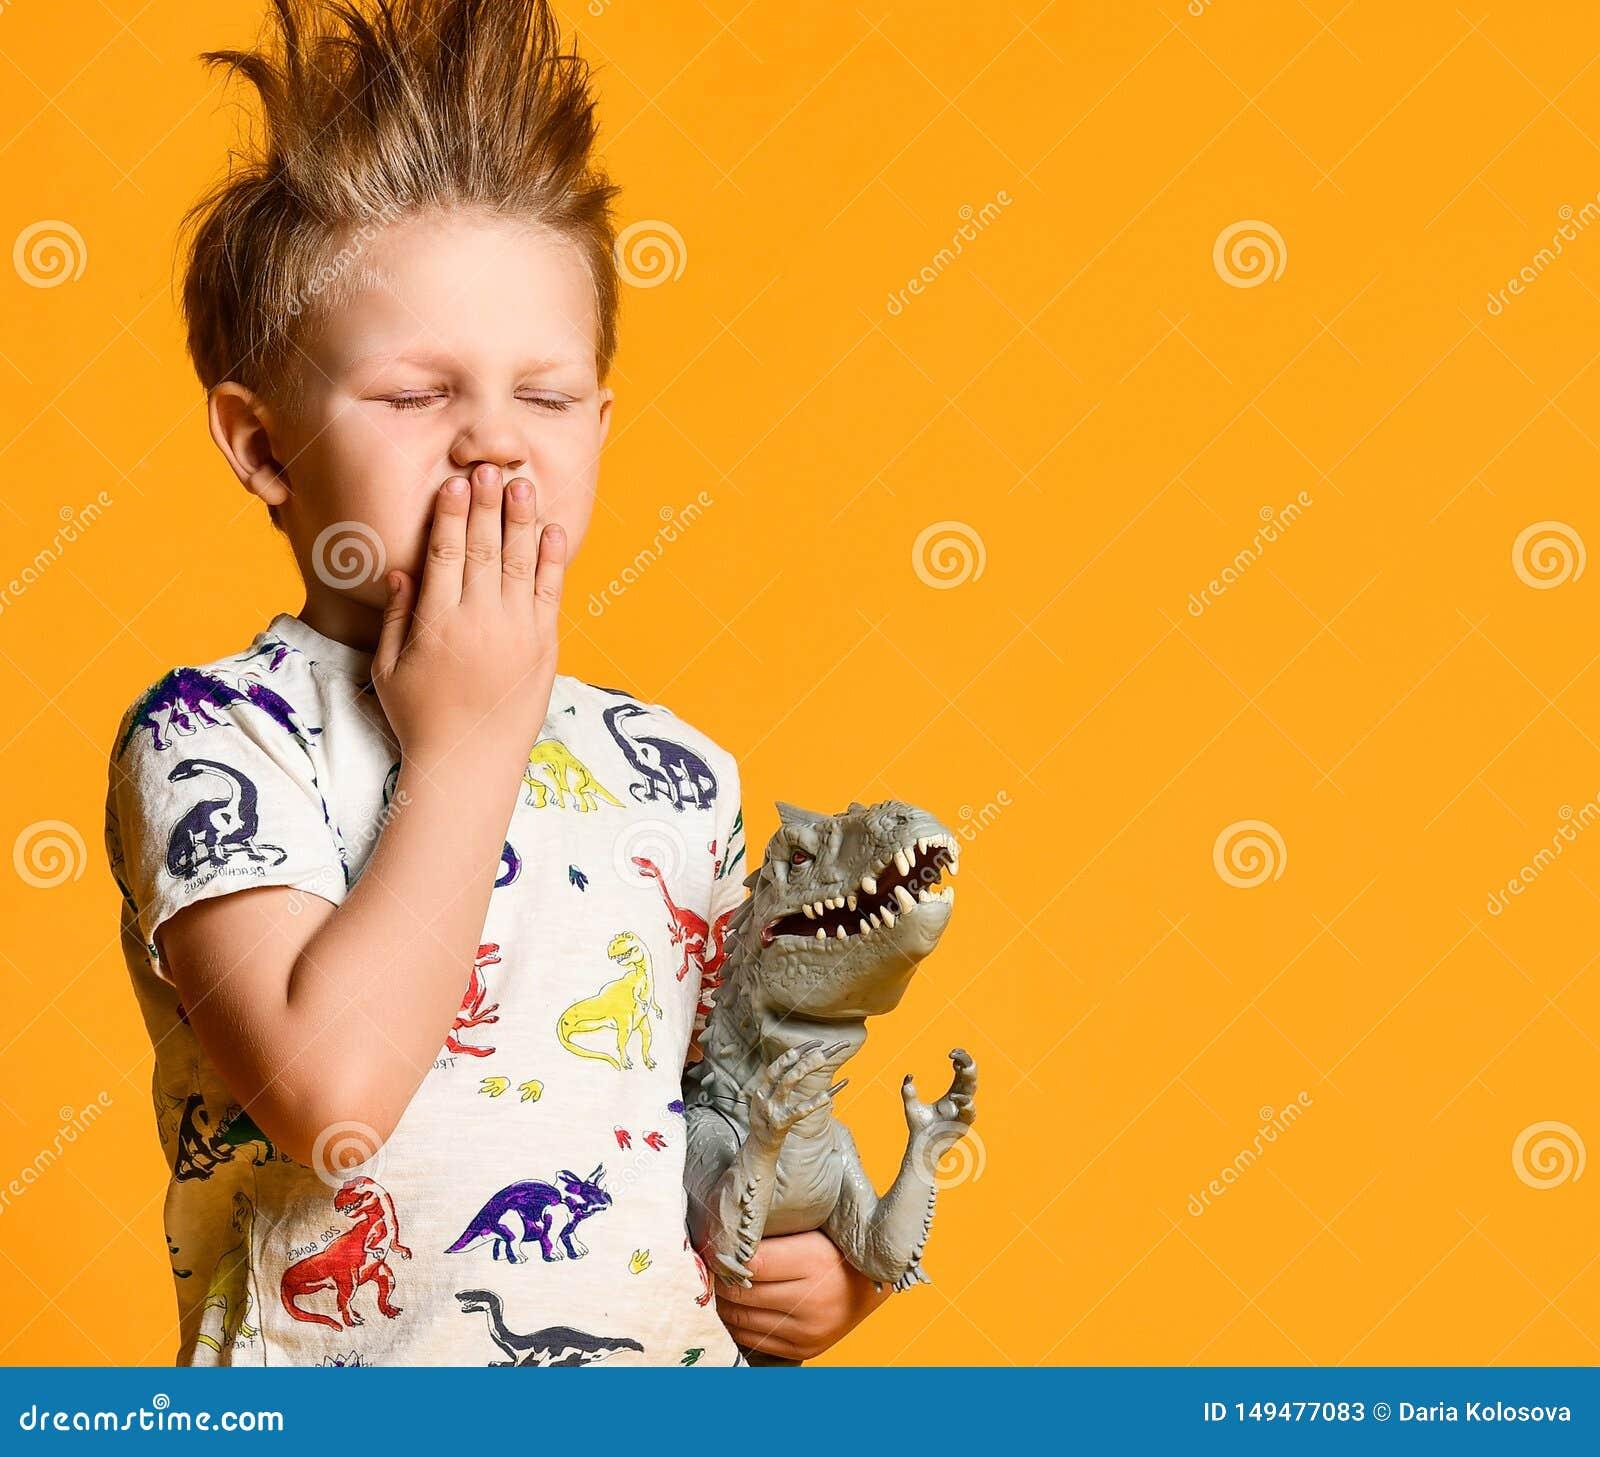 有一根滑稽,被弄乱的头发的小男孩拿着玩具塑料恐龙作为画象